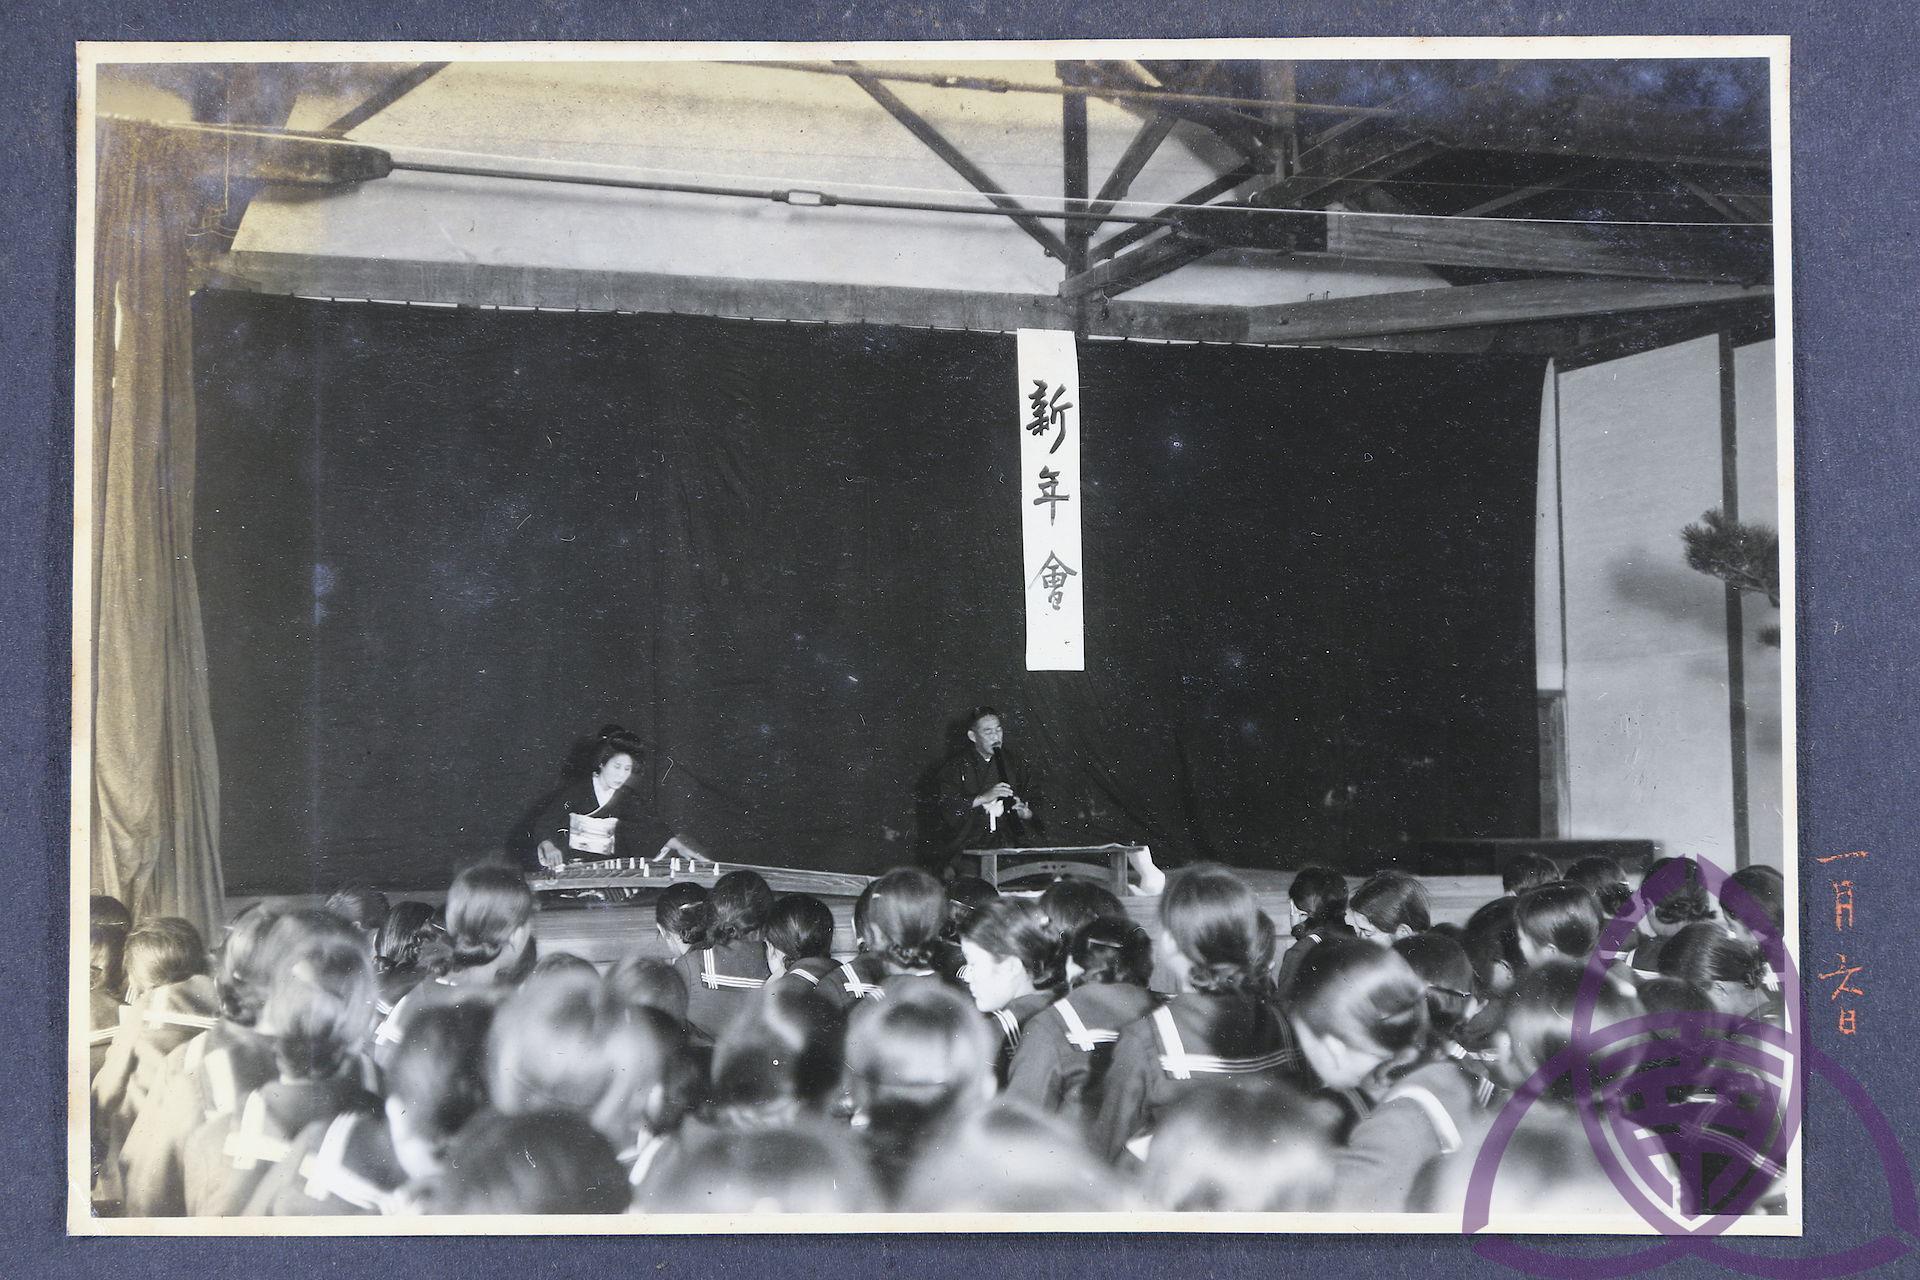 昭和 10 年(1935 年)二高女(今臺南女中)的新年會,學校是日本政府規訓同化的重點場域,透過各種活動、儀式讓學生接受「新曆年」。圖│臺南女中百年老照片